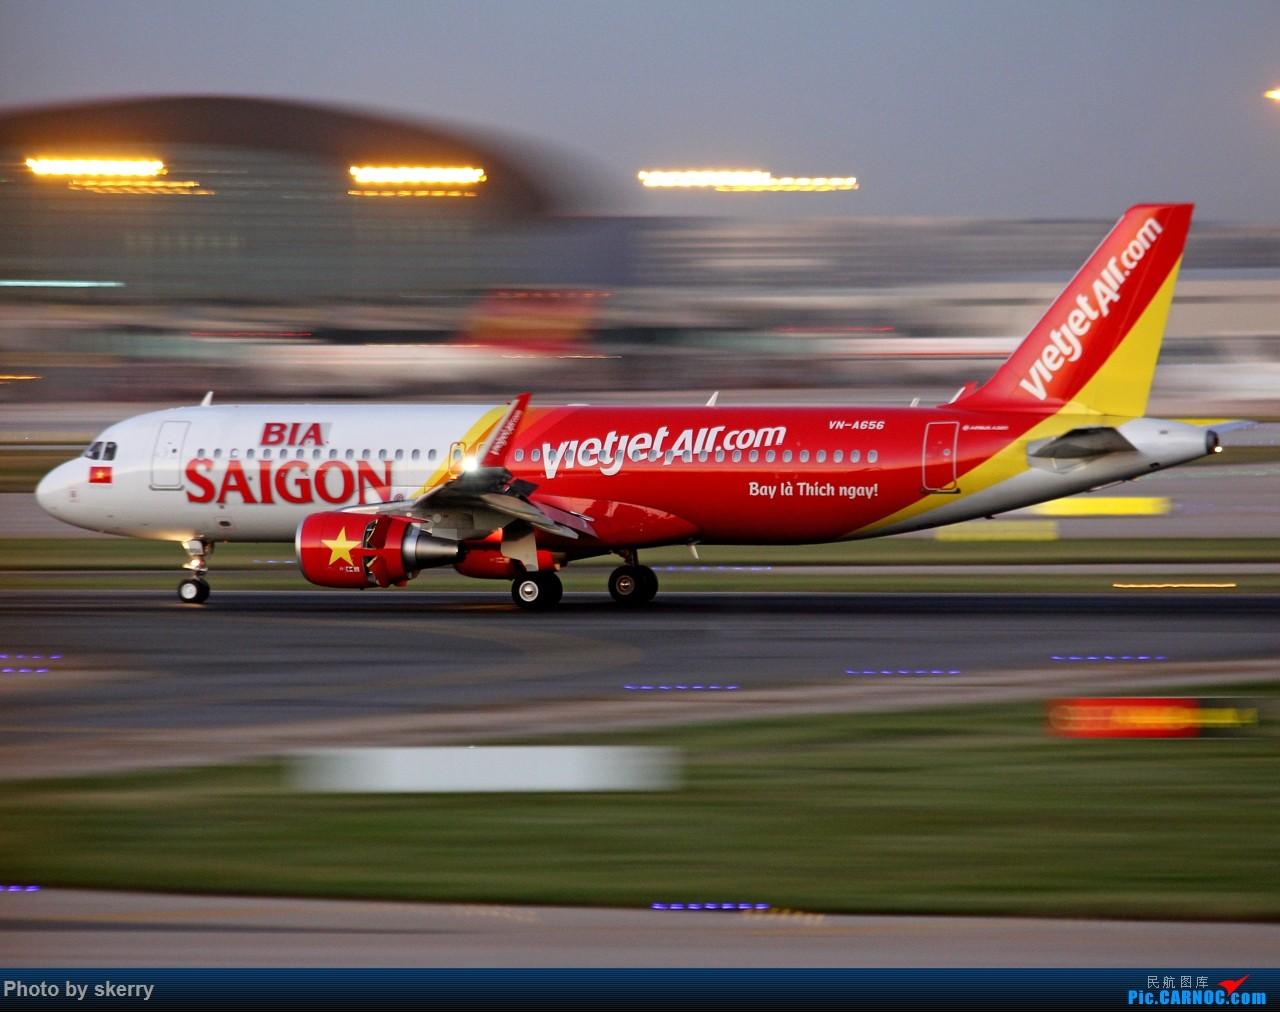 [原创]***【TSN飞友会】动感多张!*** AIRBUS A320-200 VN-A656 中国天津滨海国际机场